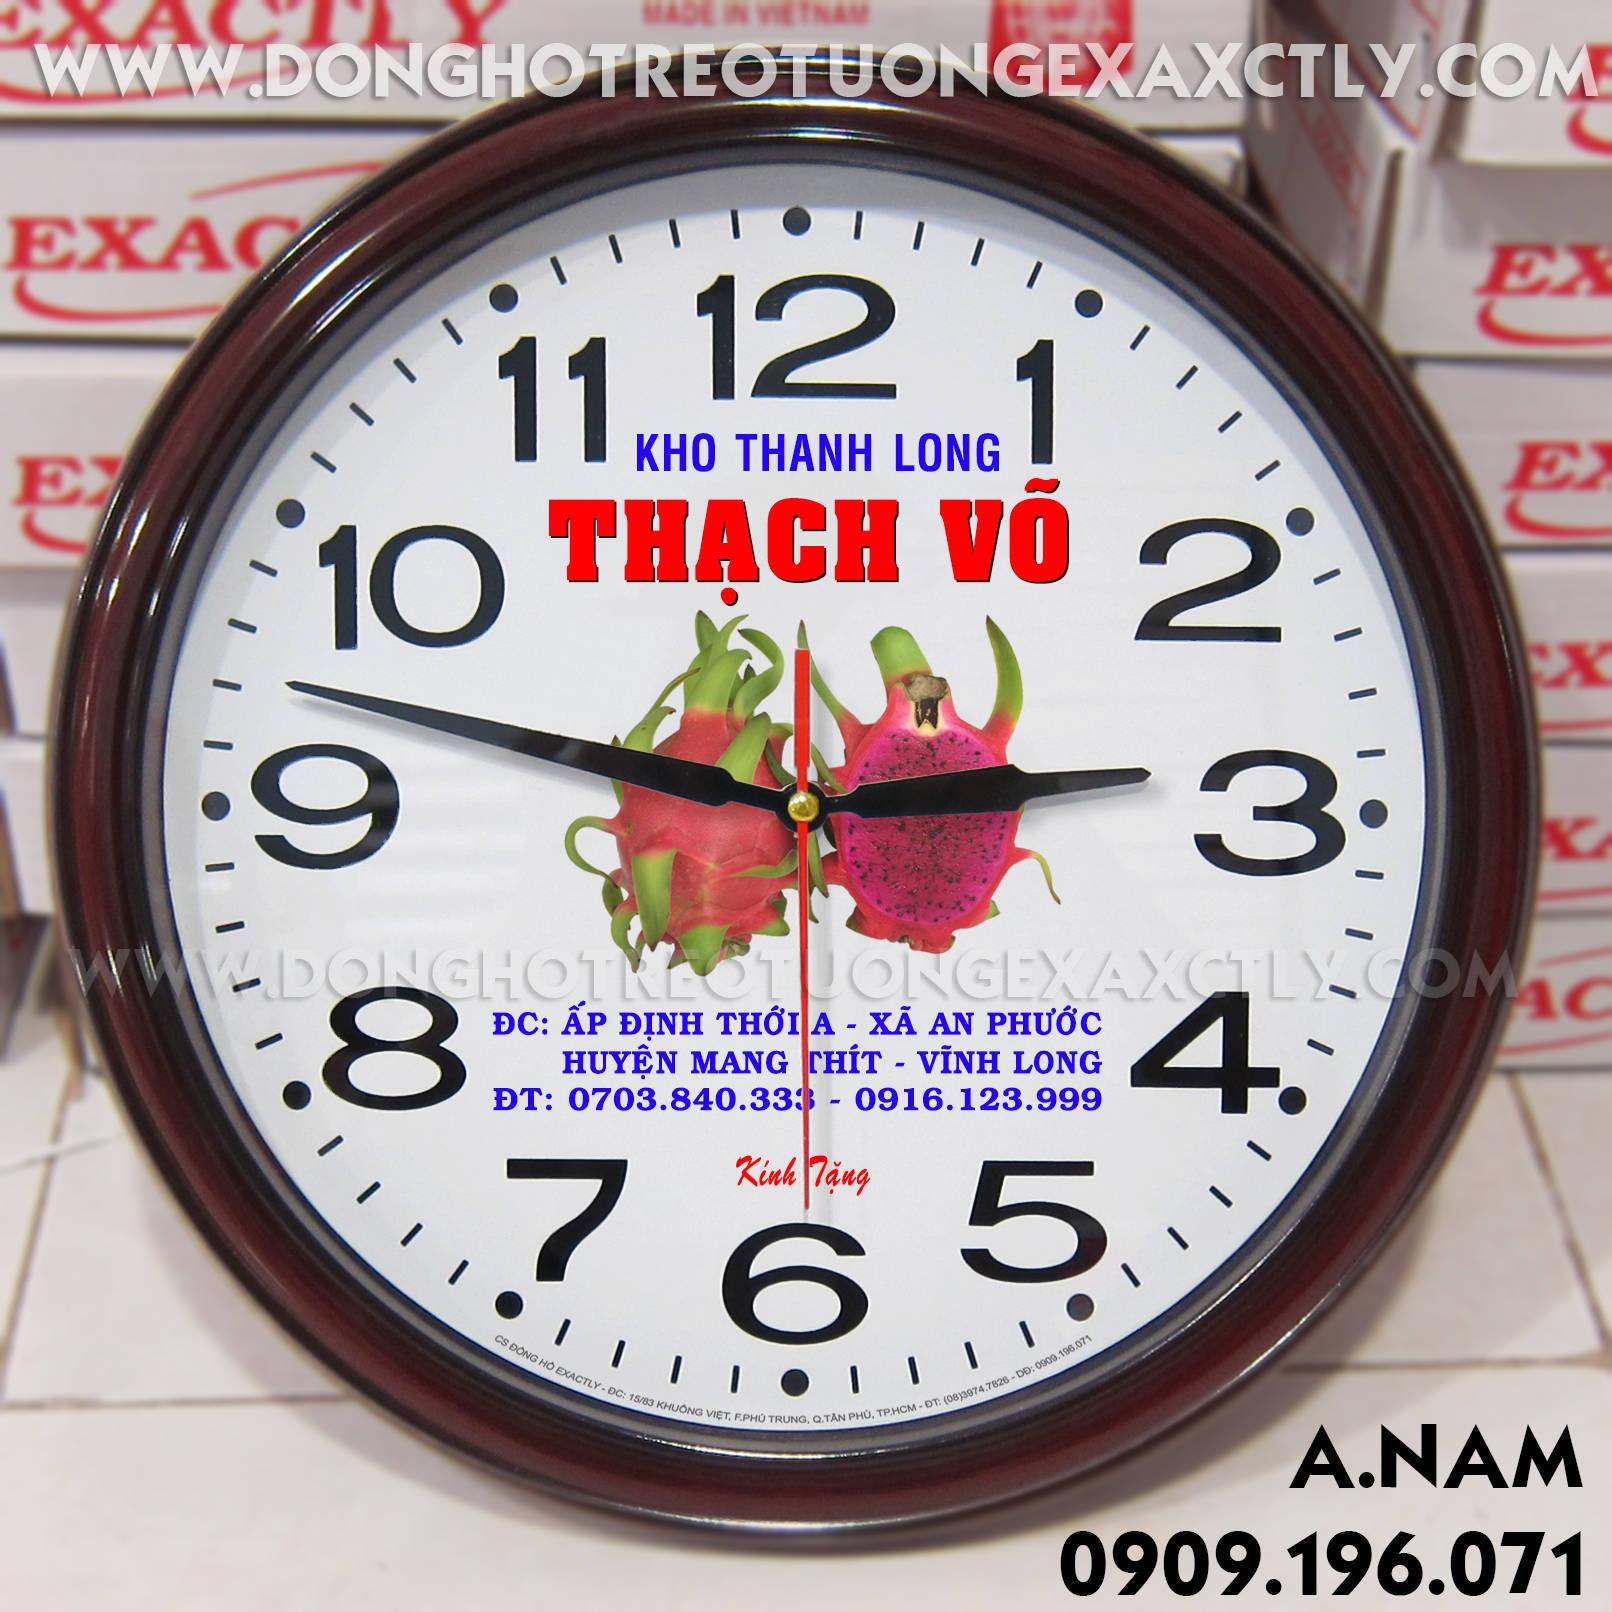 đồng hồ treotường Thanh Long Thạch võ